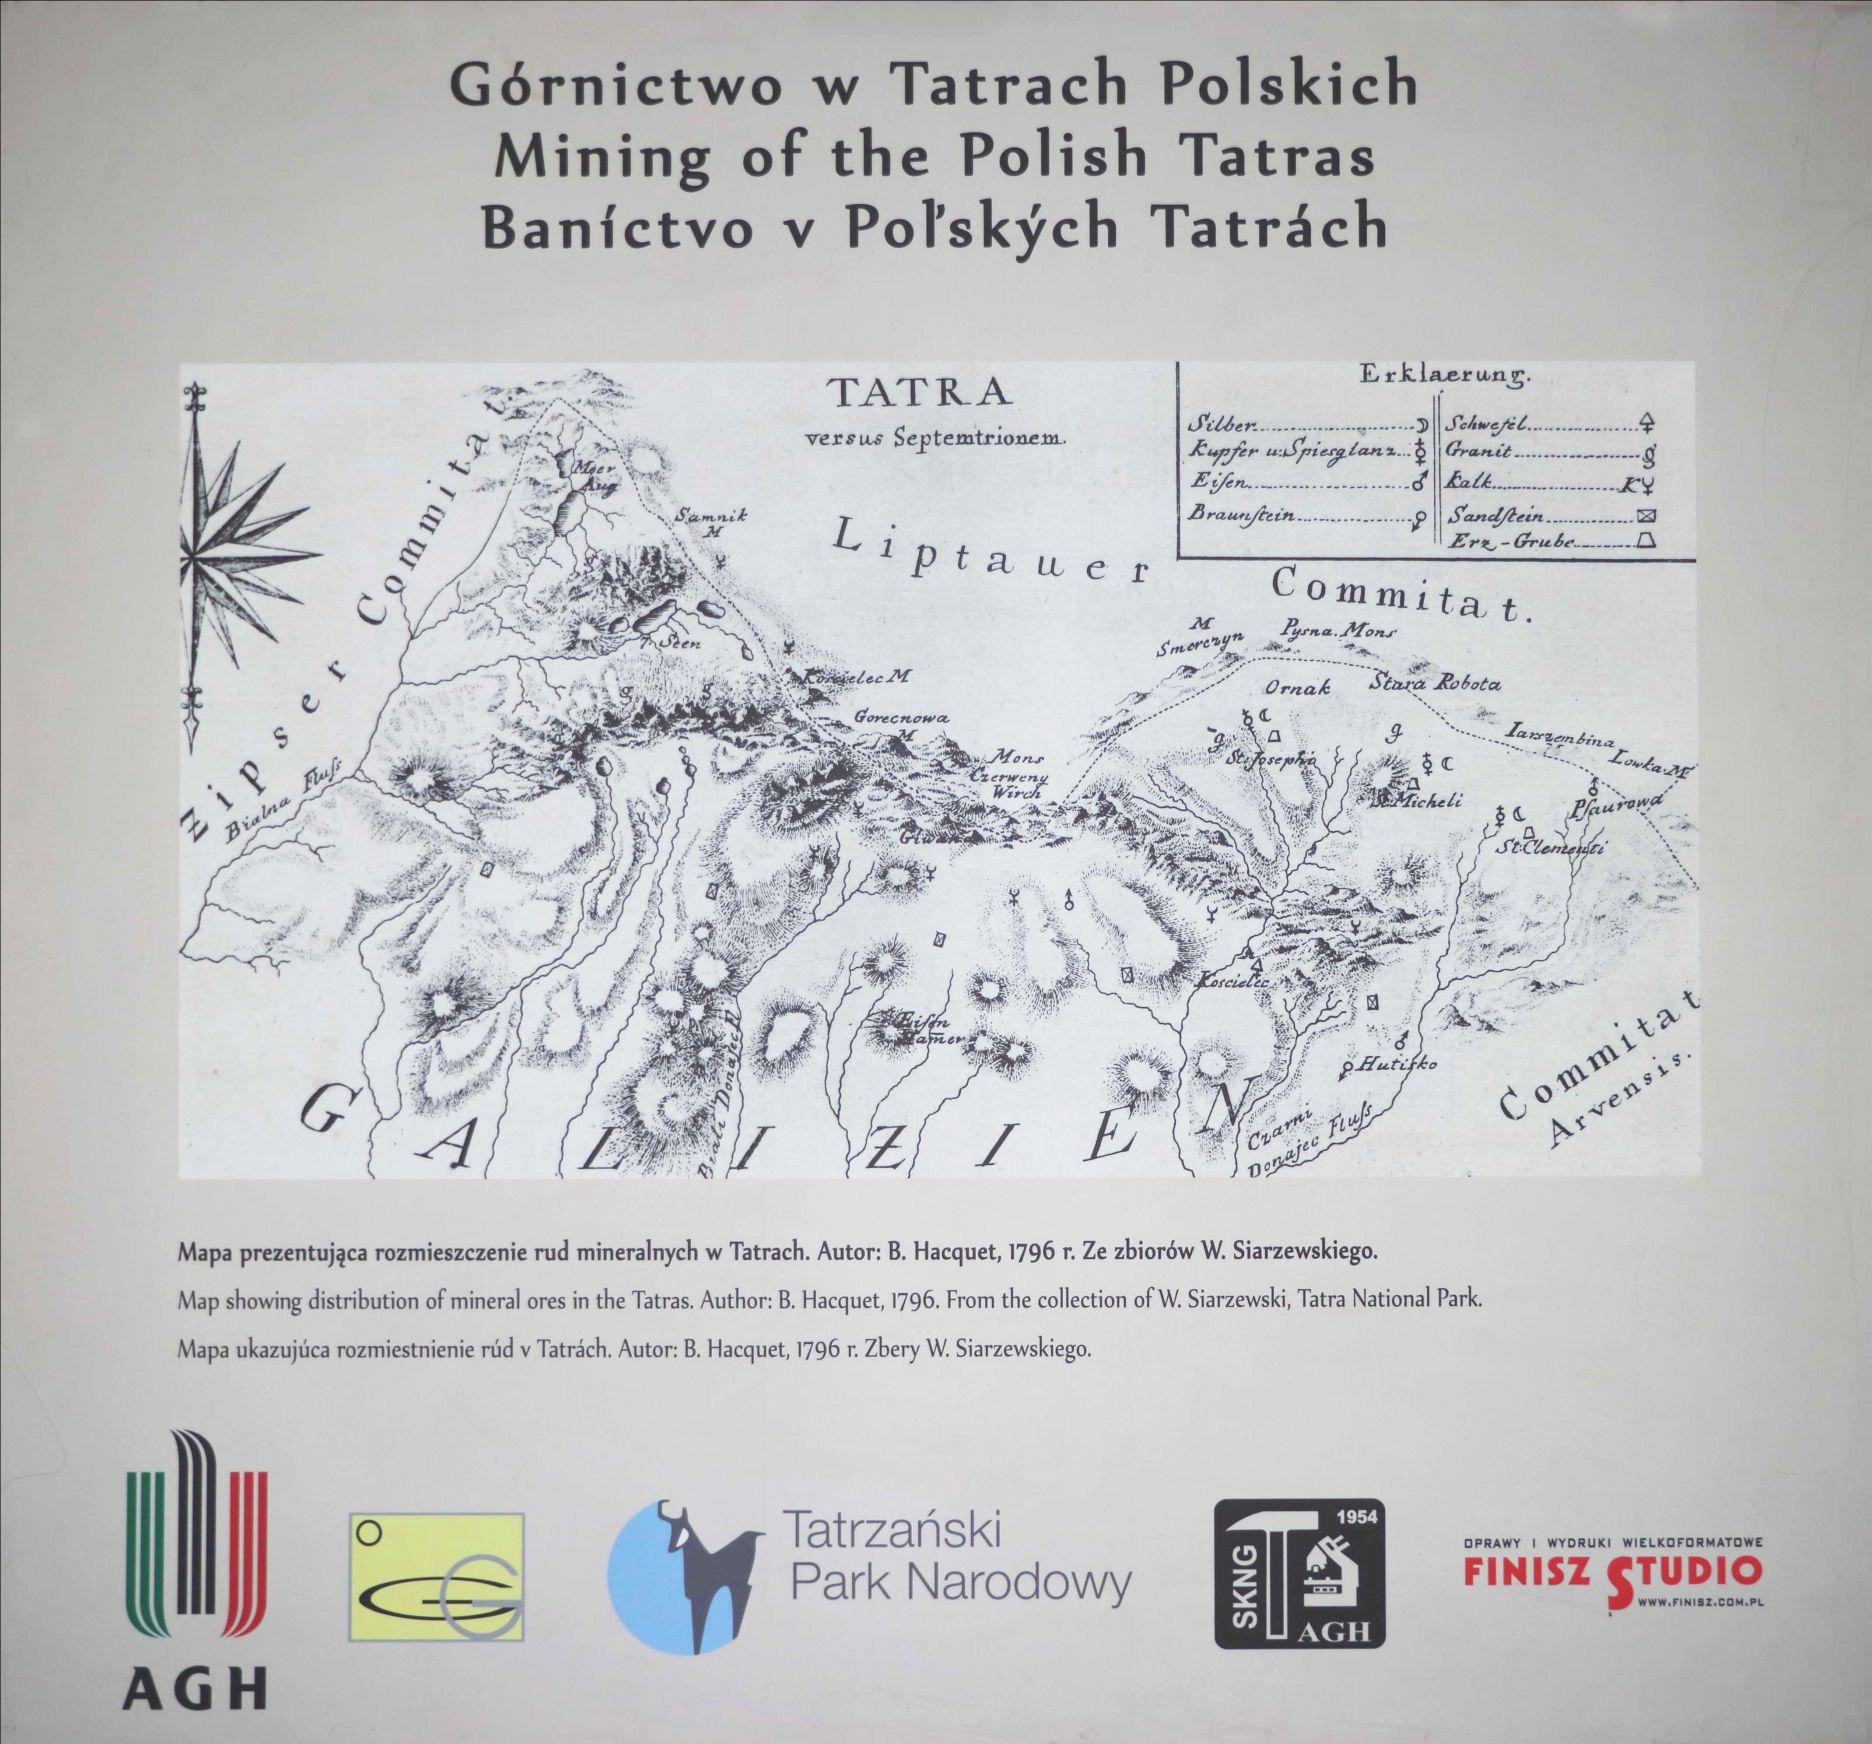 Górnictwo w Tatrach Polskich – wystawa w Muzeum Geologicznym im. S. J. Thugutta UW